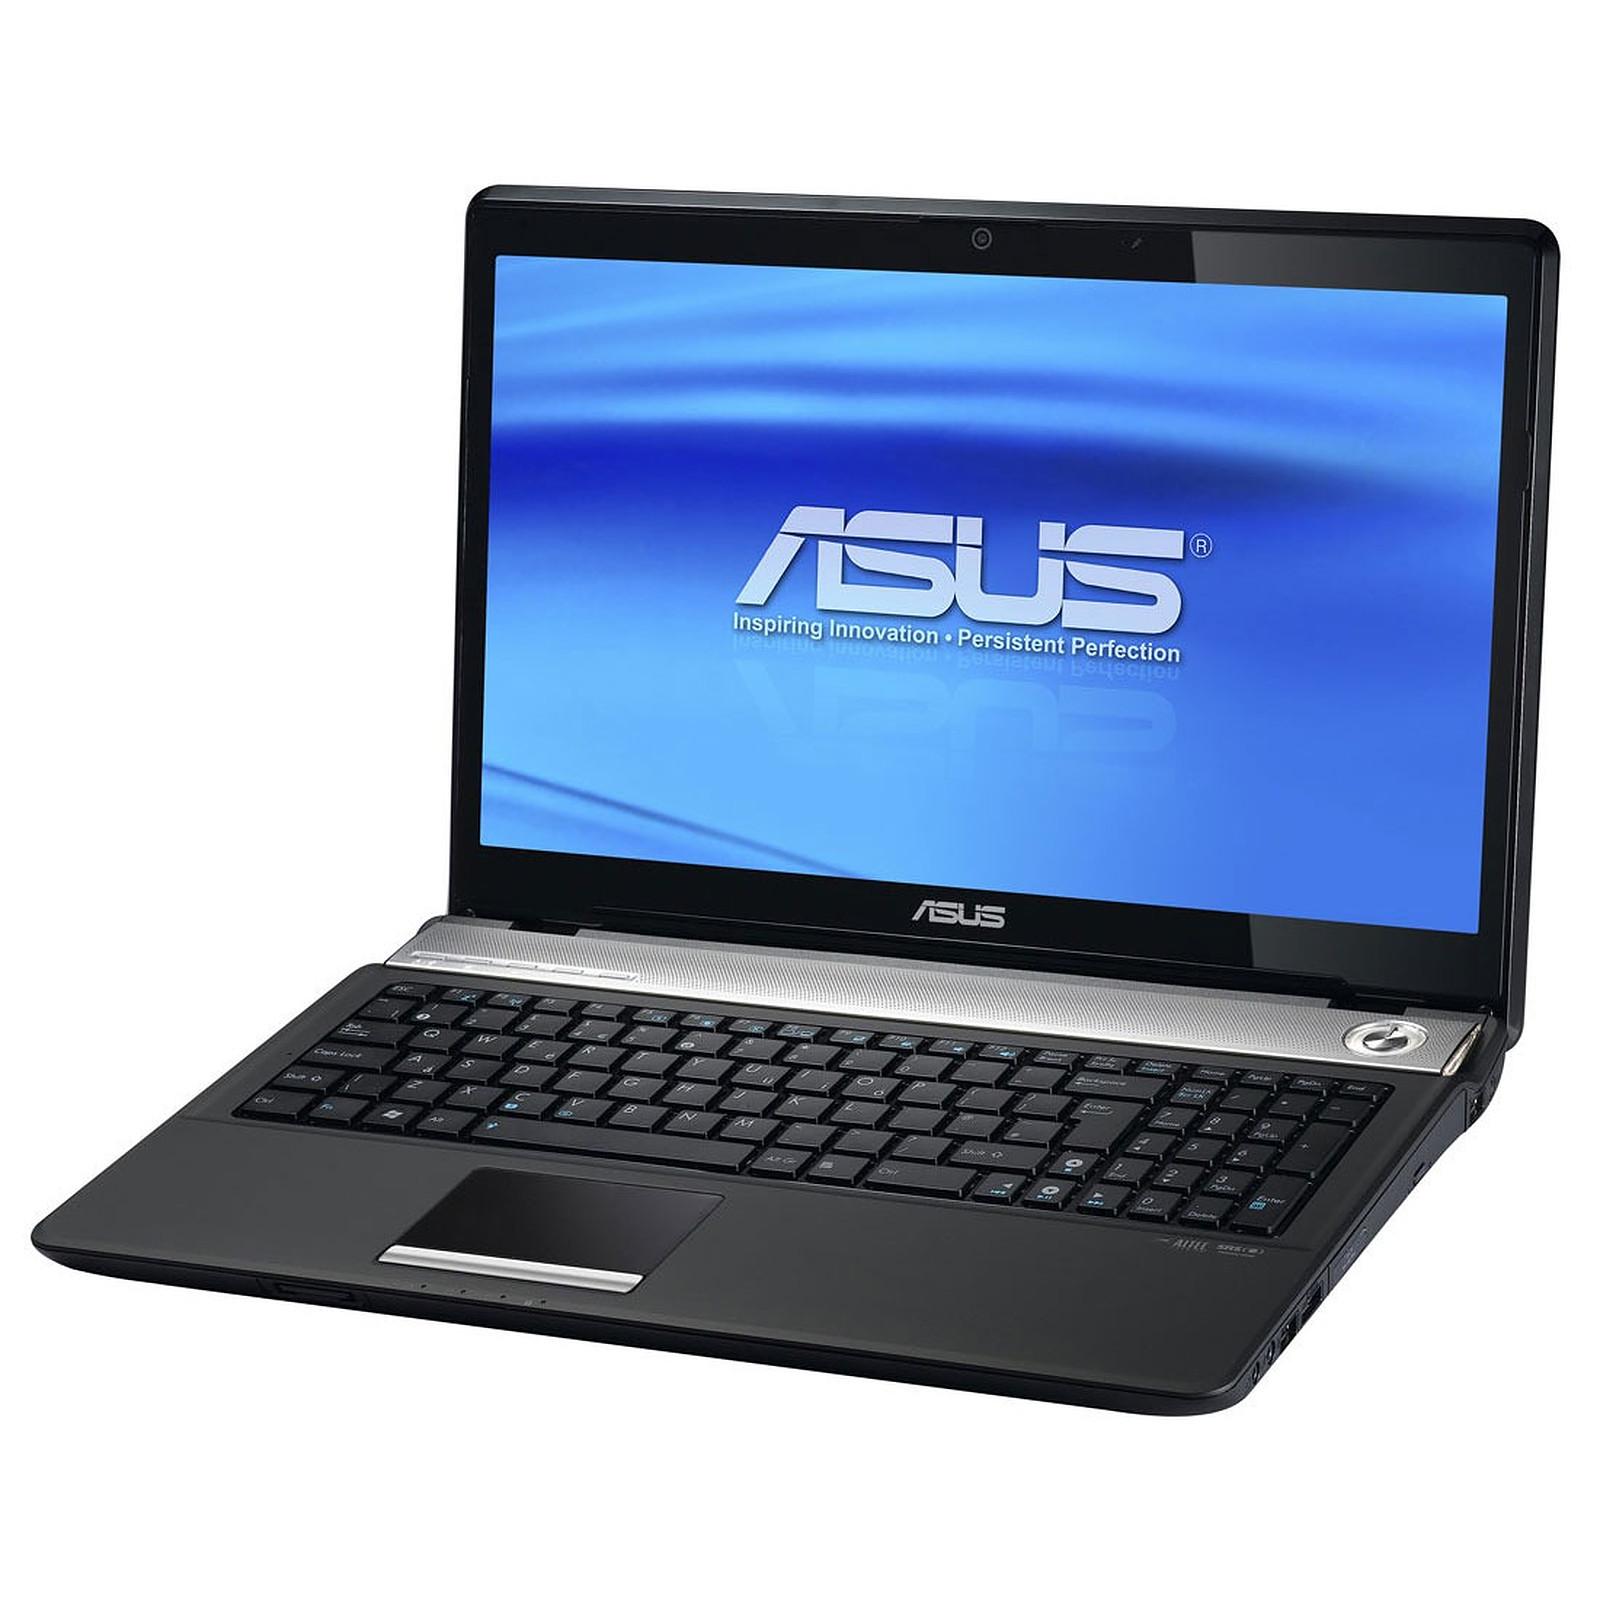 ASUS N61JV-JX026V